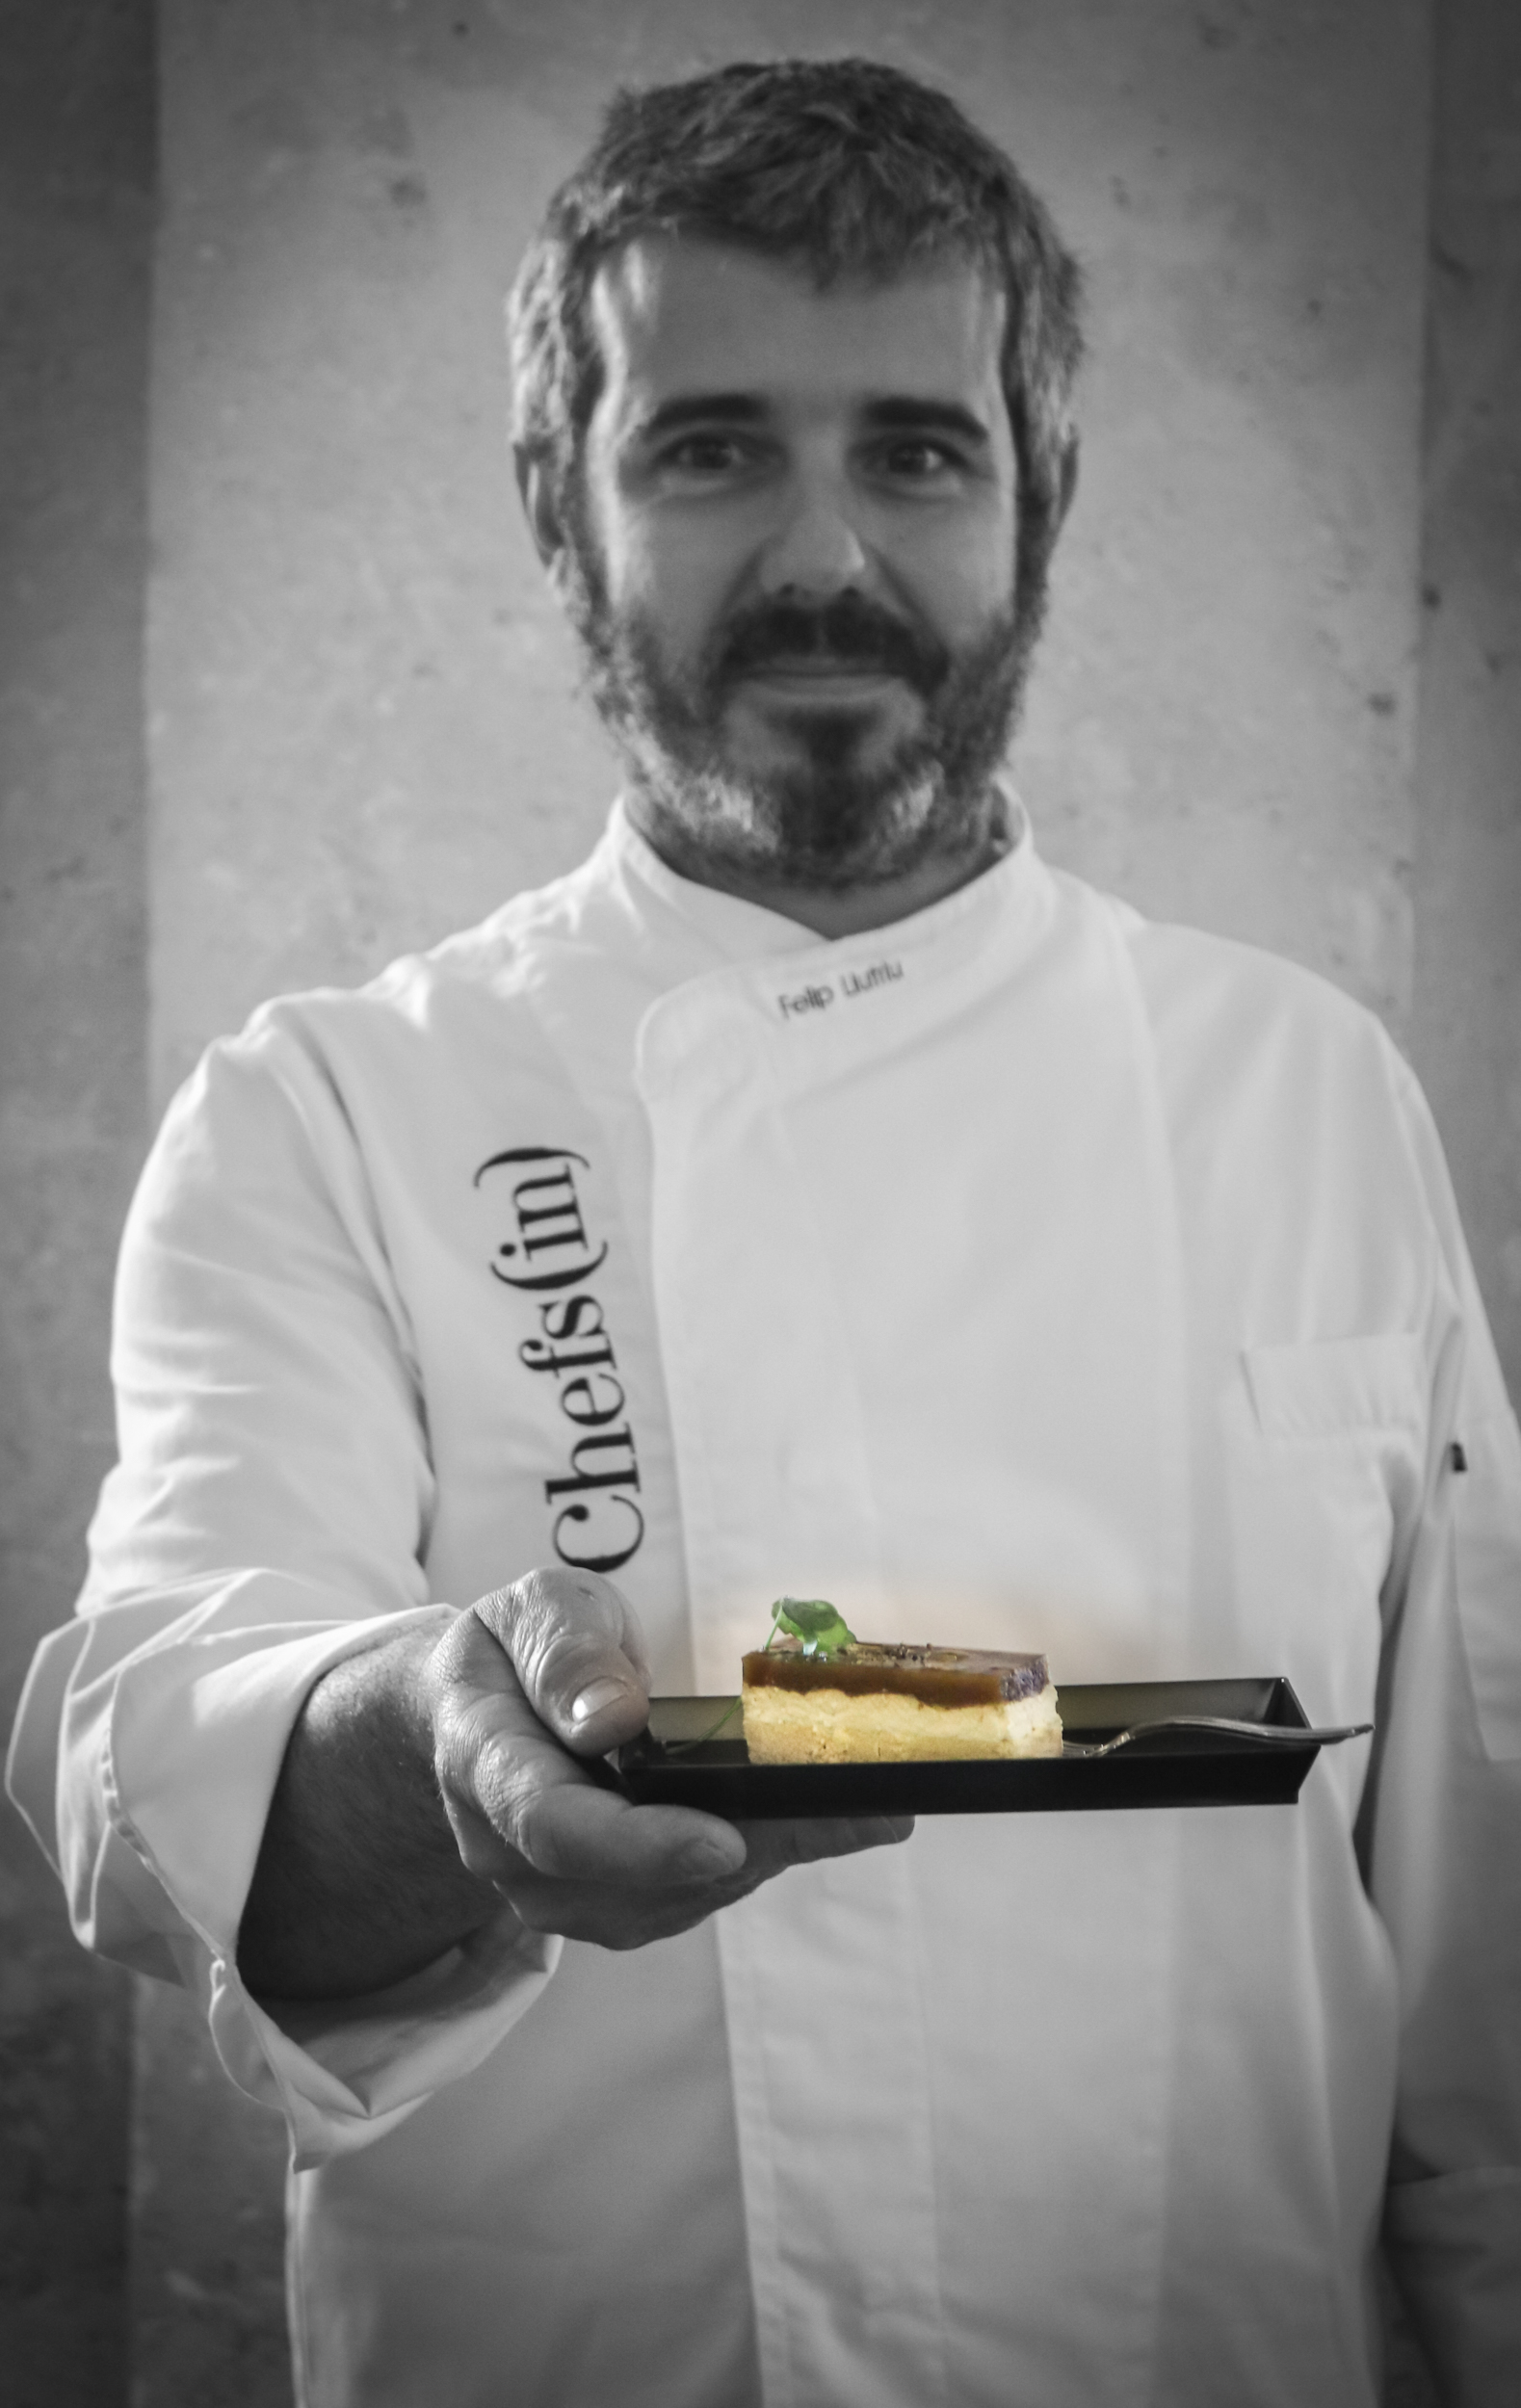 Felip Llufriu Peccata Minuta Menorca 2017 - Chefsin